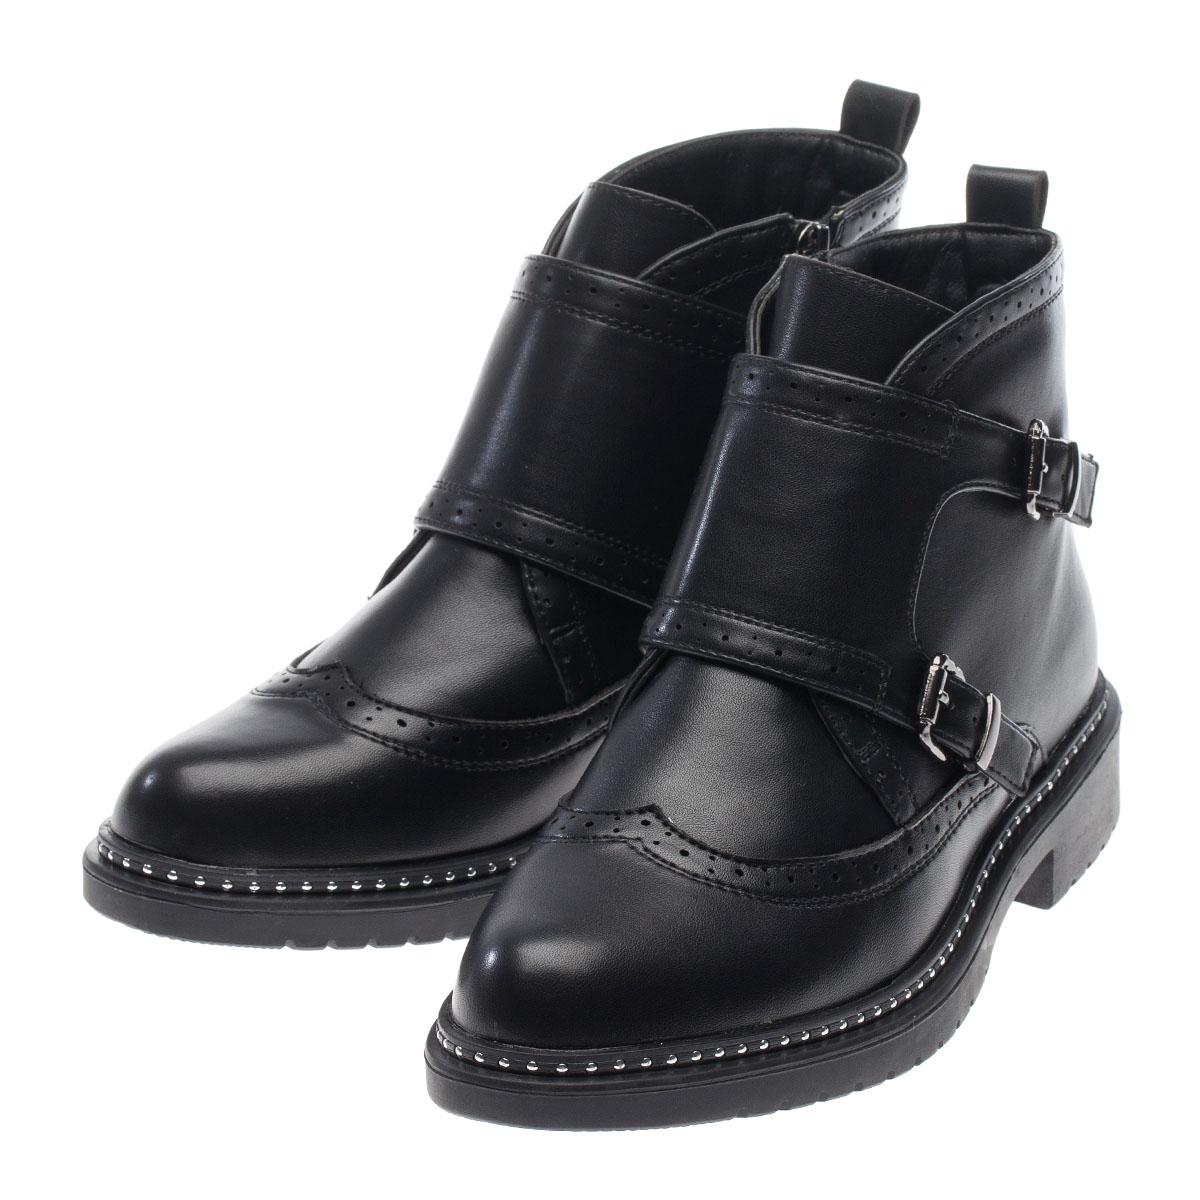 Ботинки демисезонные FERTO, D18-6399